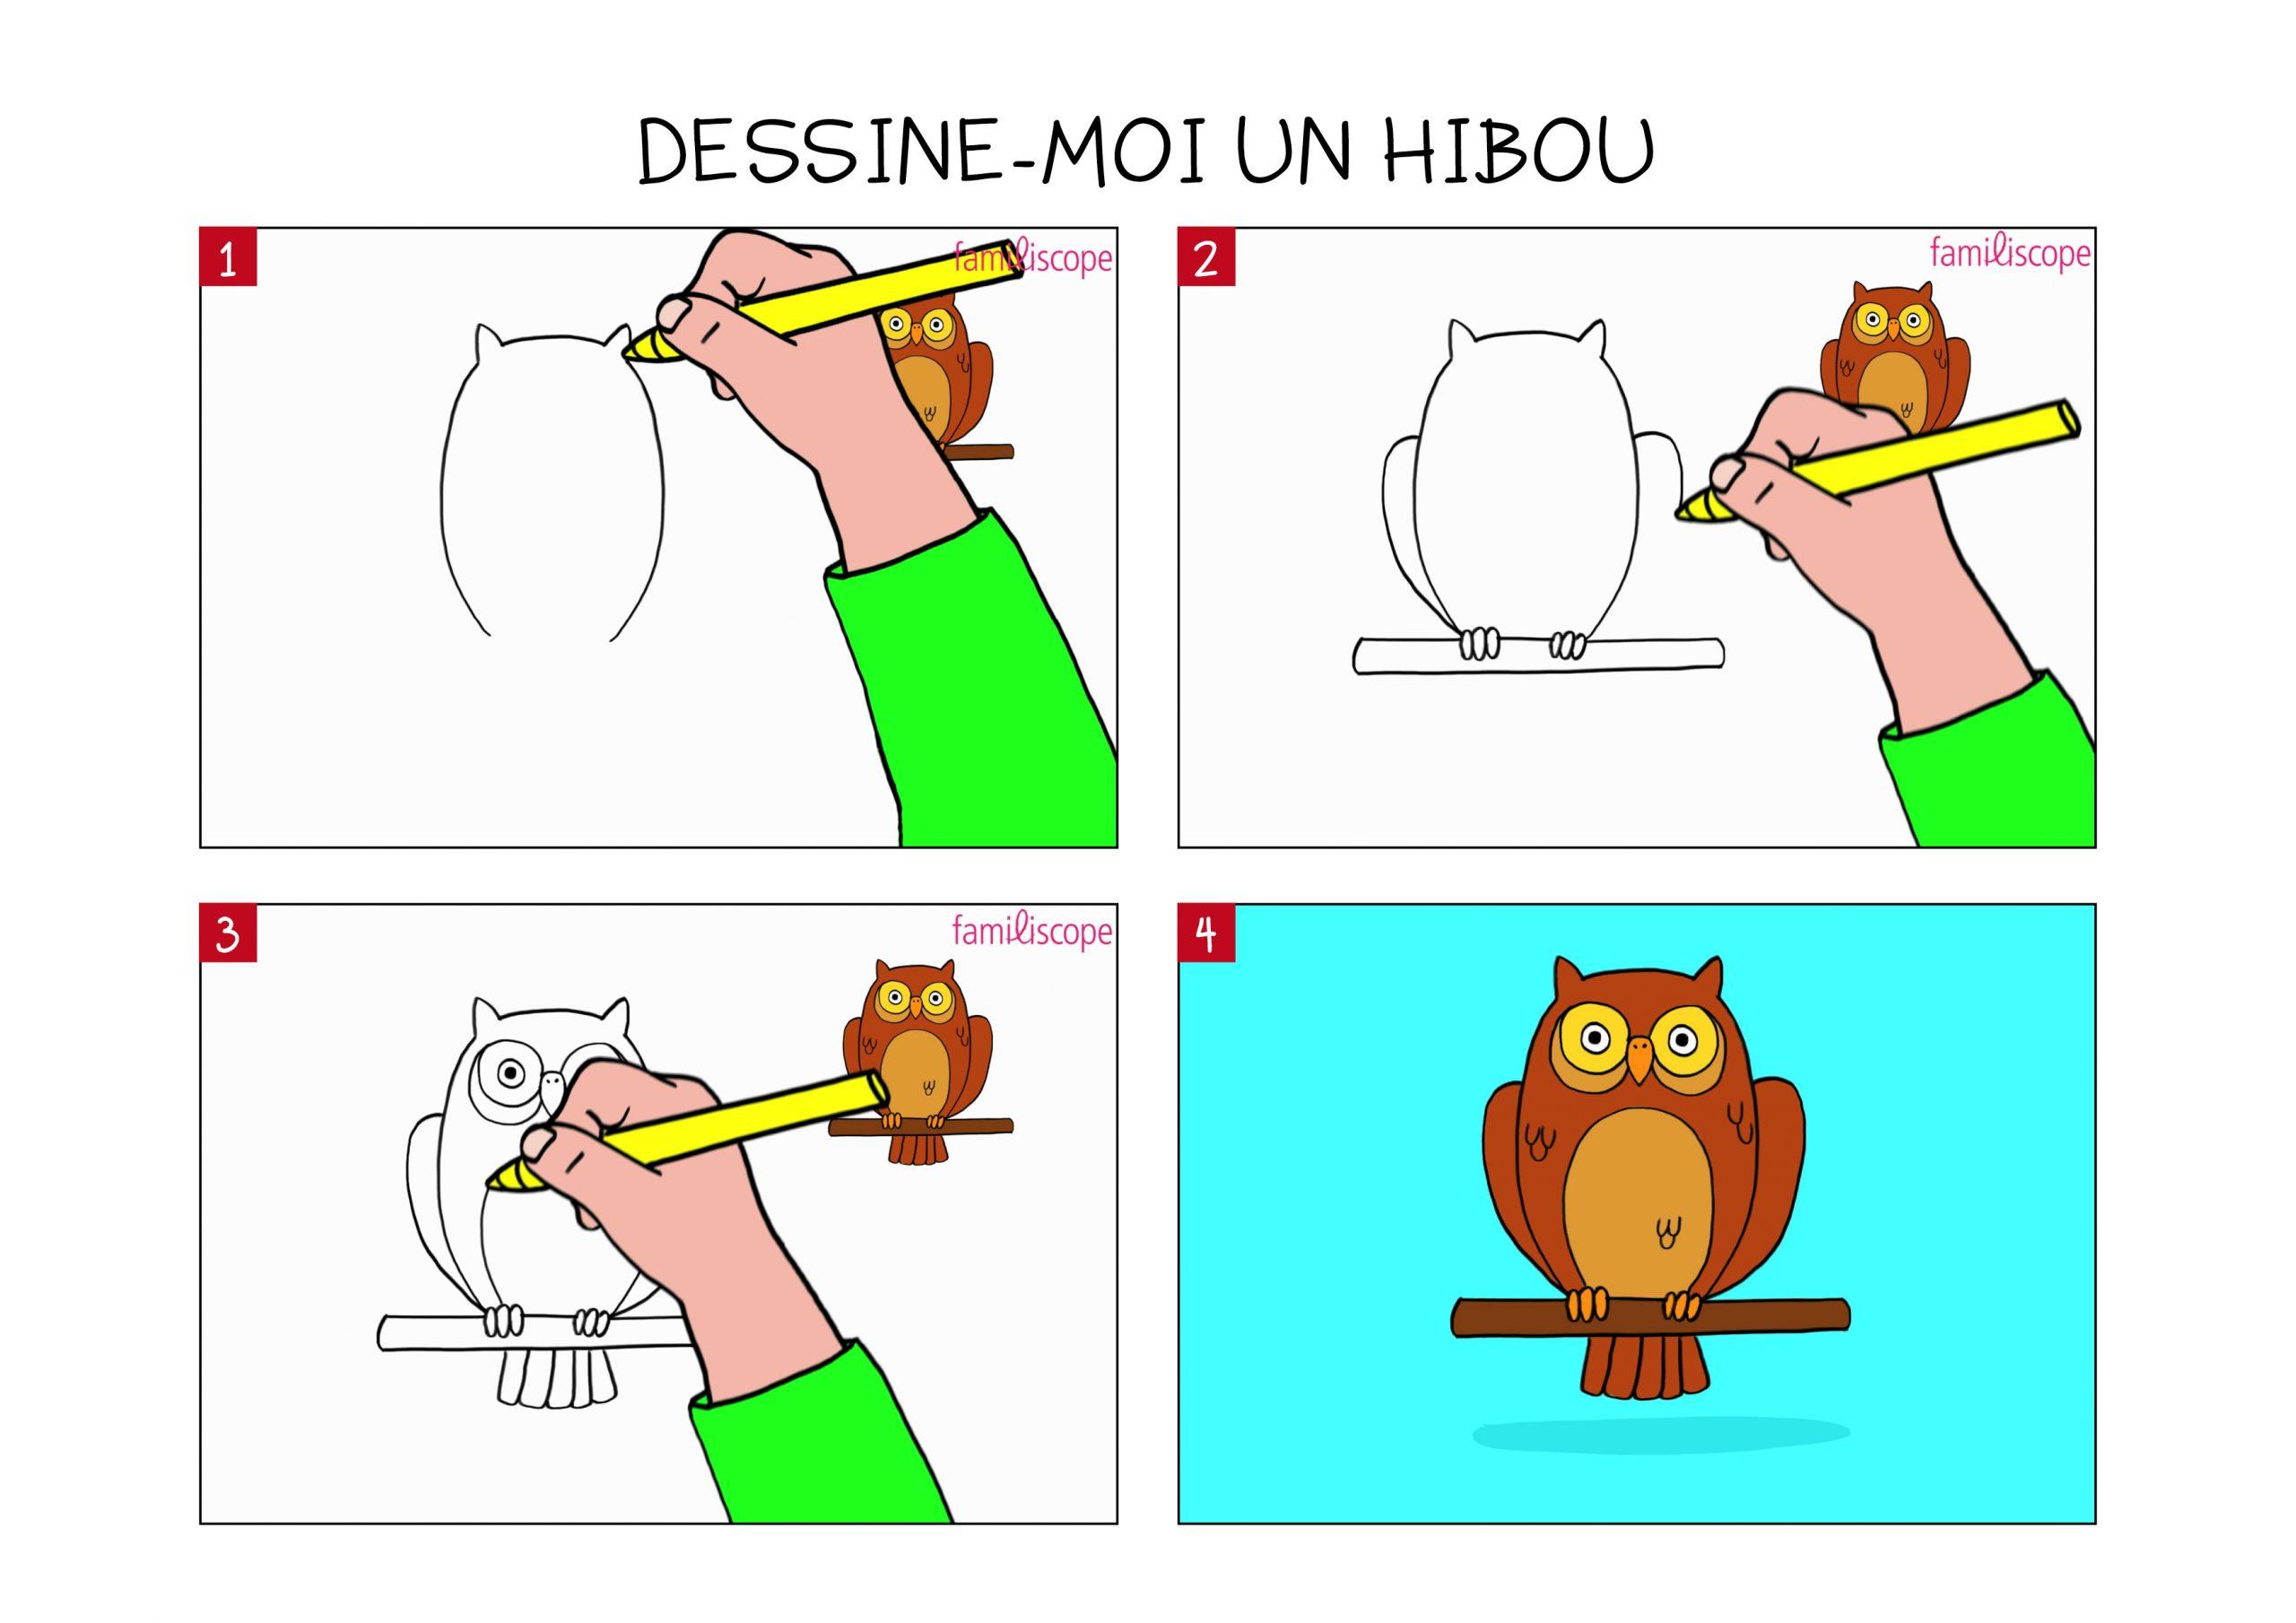 Apprendre À Dessiner Un Hibou En 3 Étapes concernant Dessiner Un Hibou